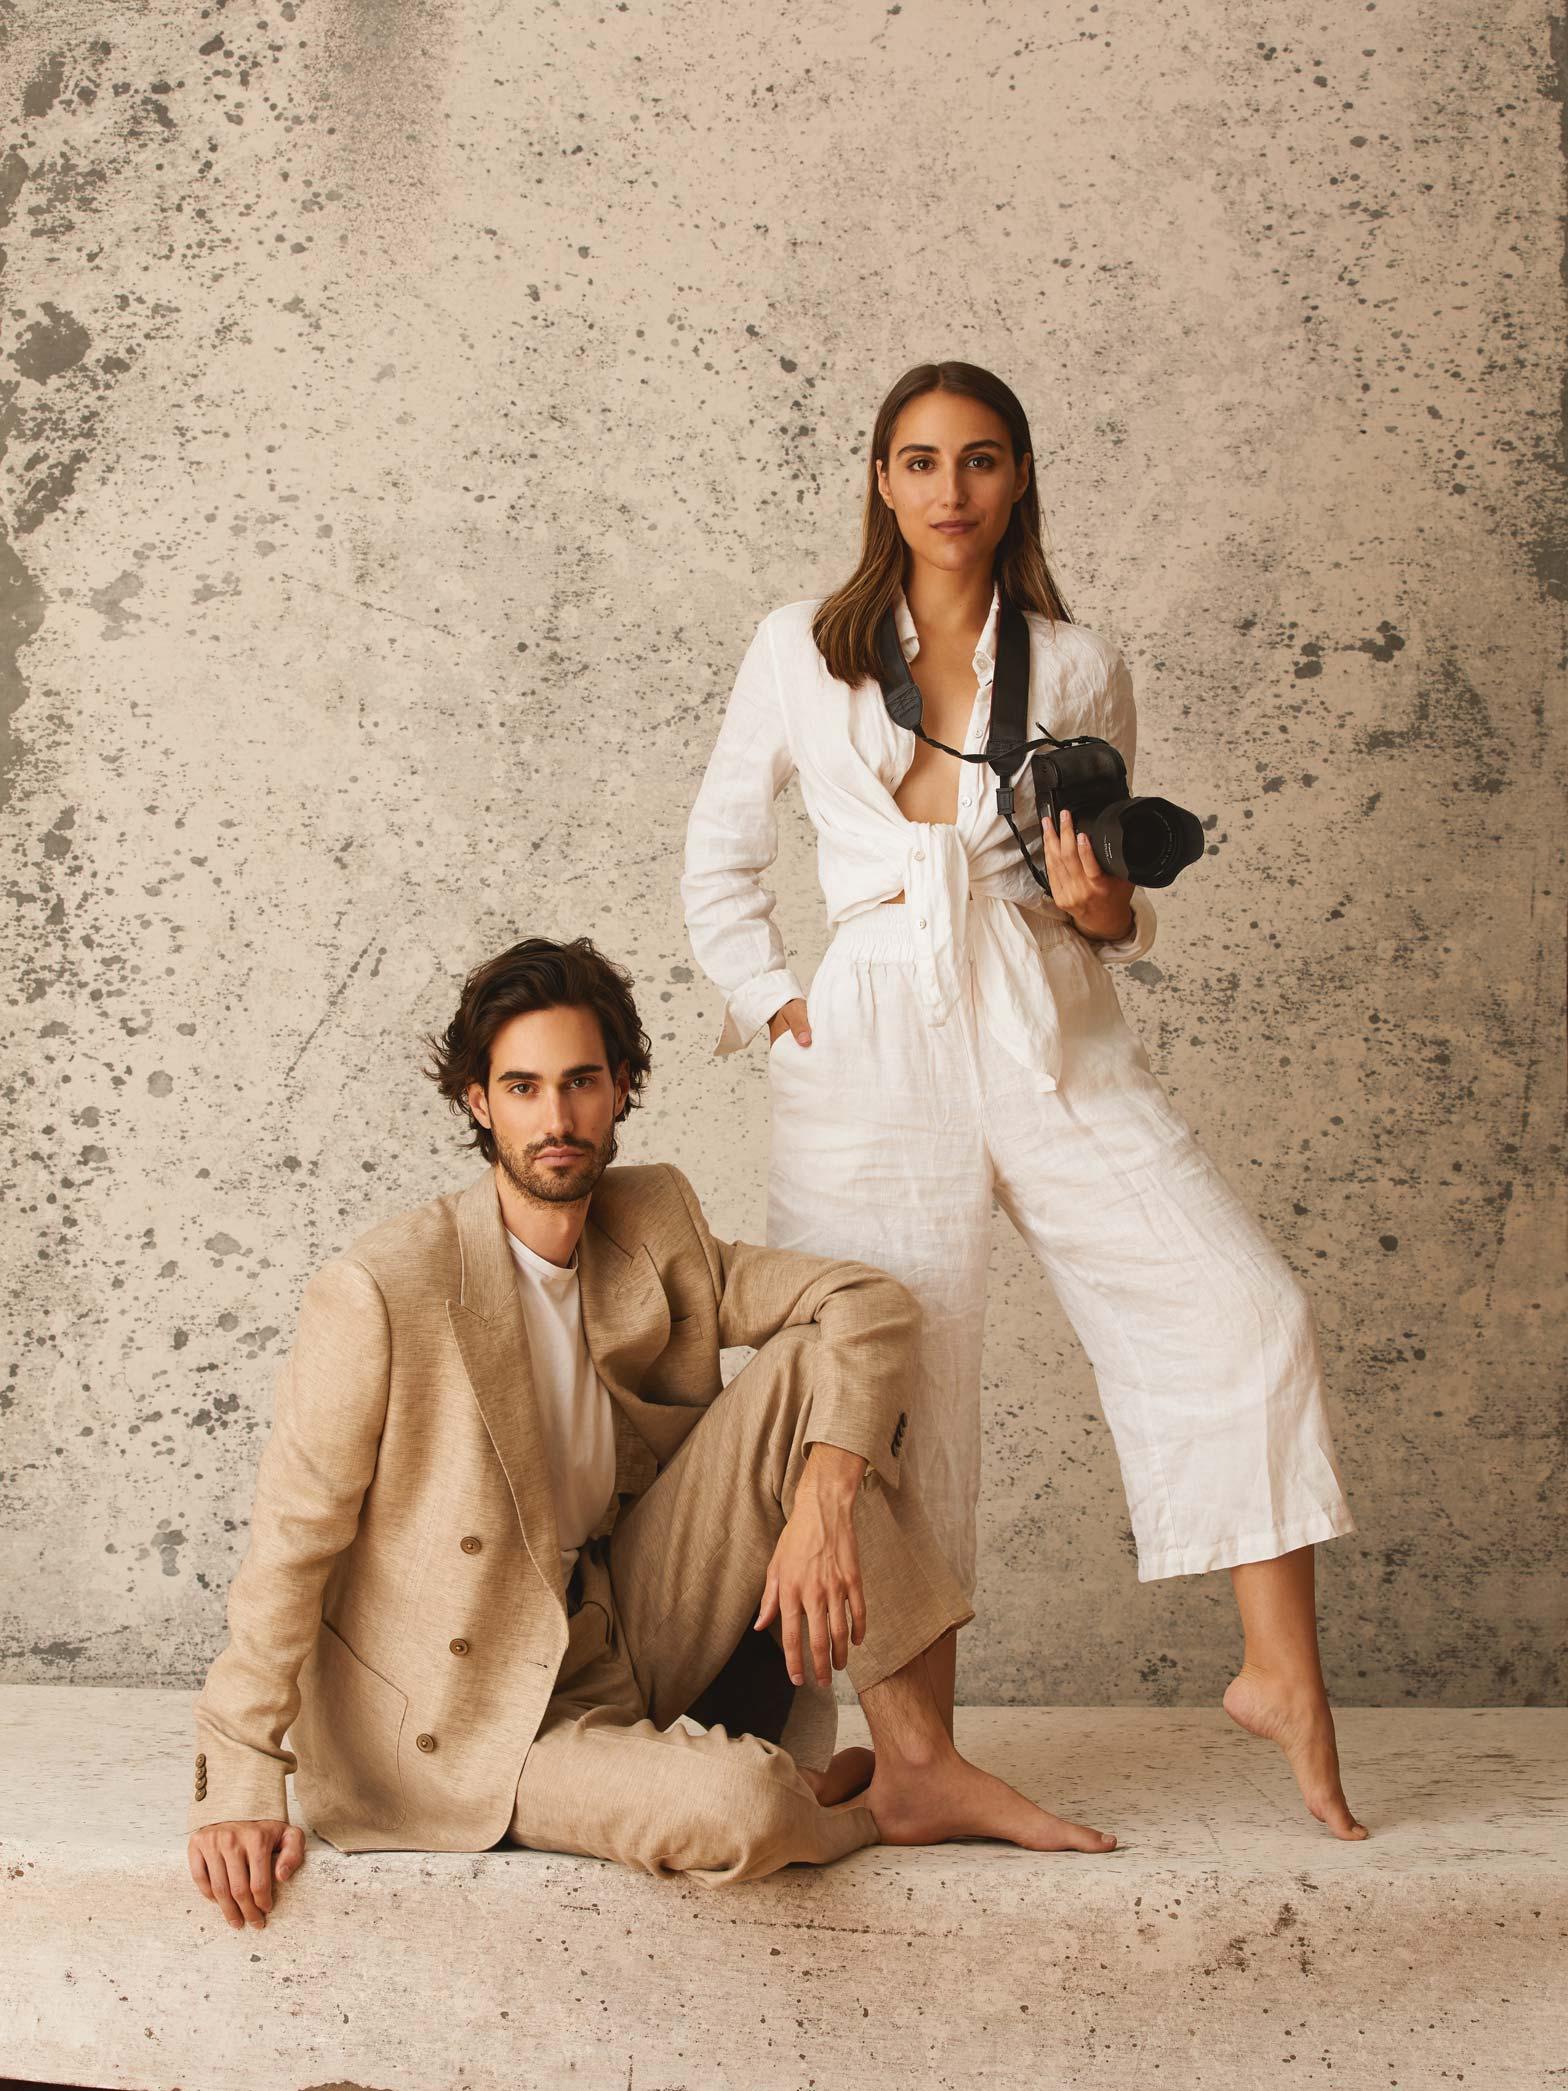 Team-DS-Sanchez-Montreal-fashion and portrait photographer